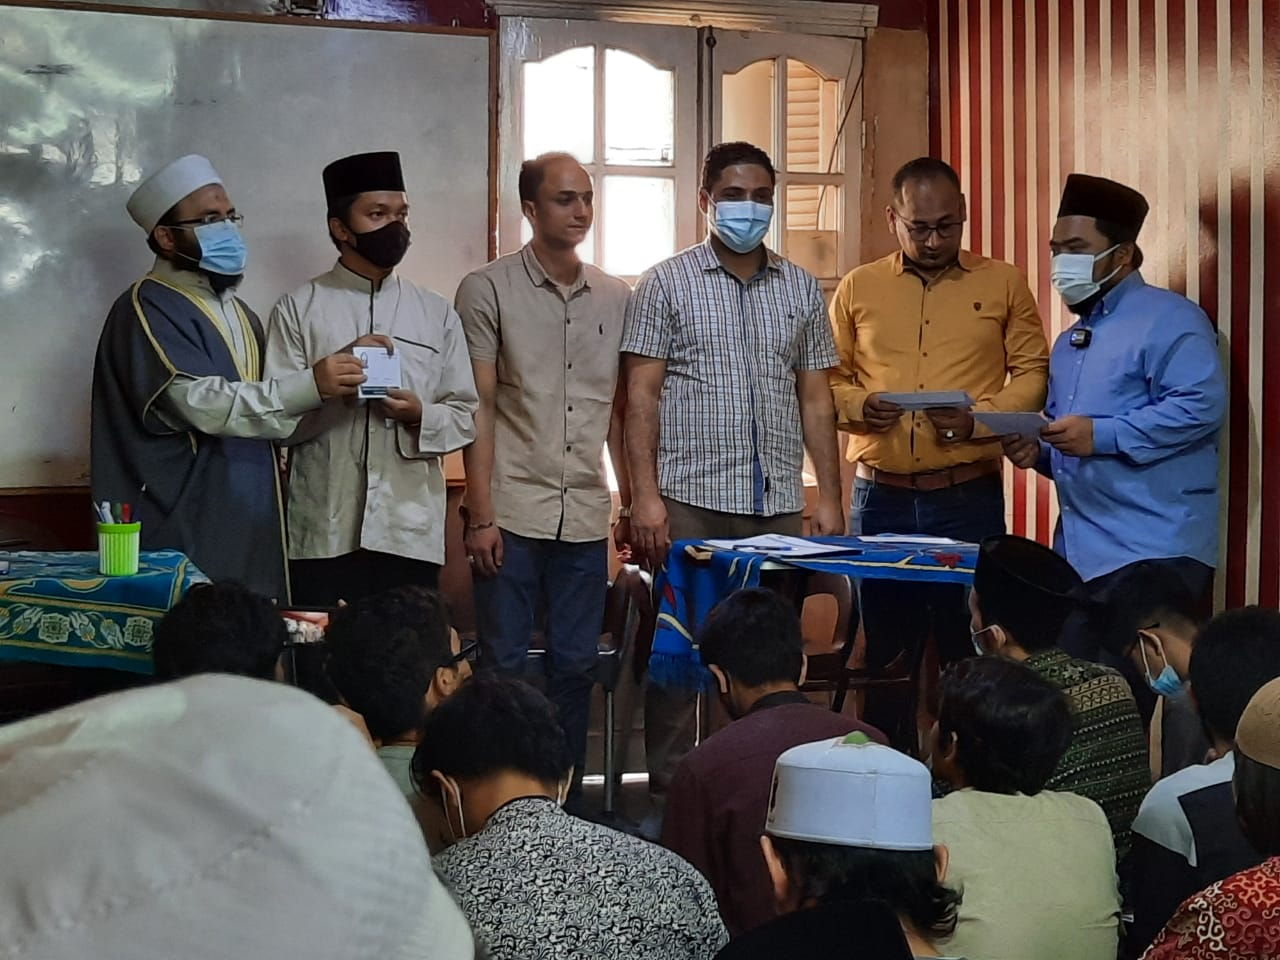 Membanggakan, 5 Mahasiswa Indonesia Asal KM-NTB Berhasil Meraih Juara MHQ Antar Mahasiswa Asing di Mesir